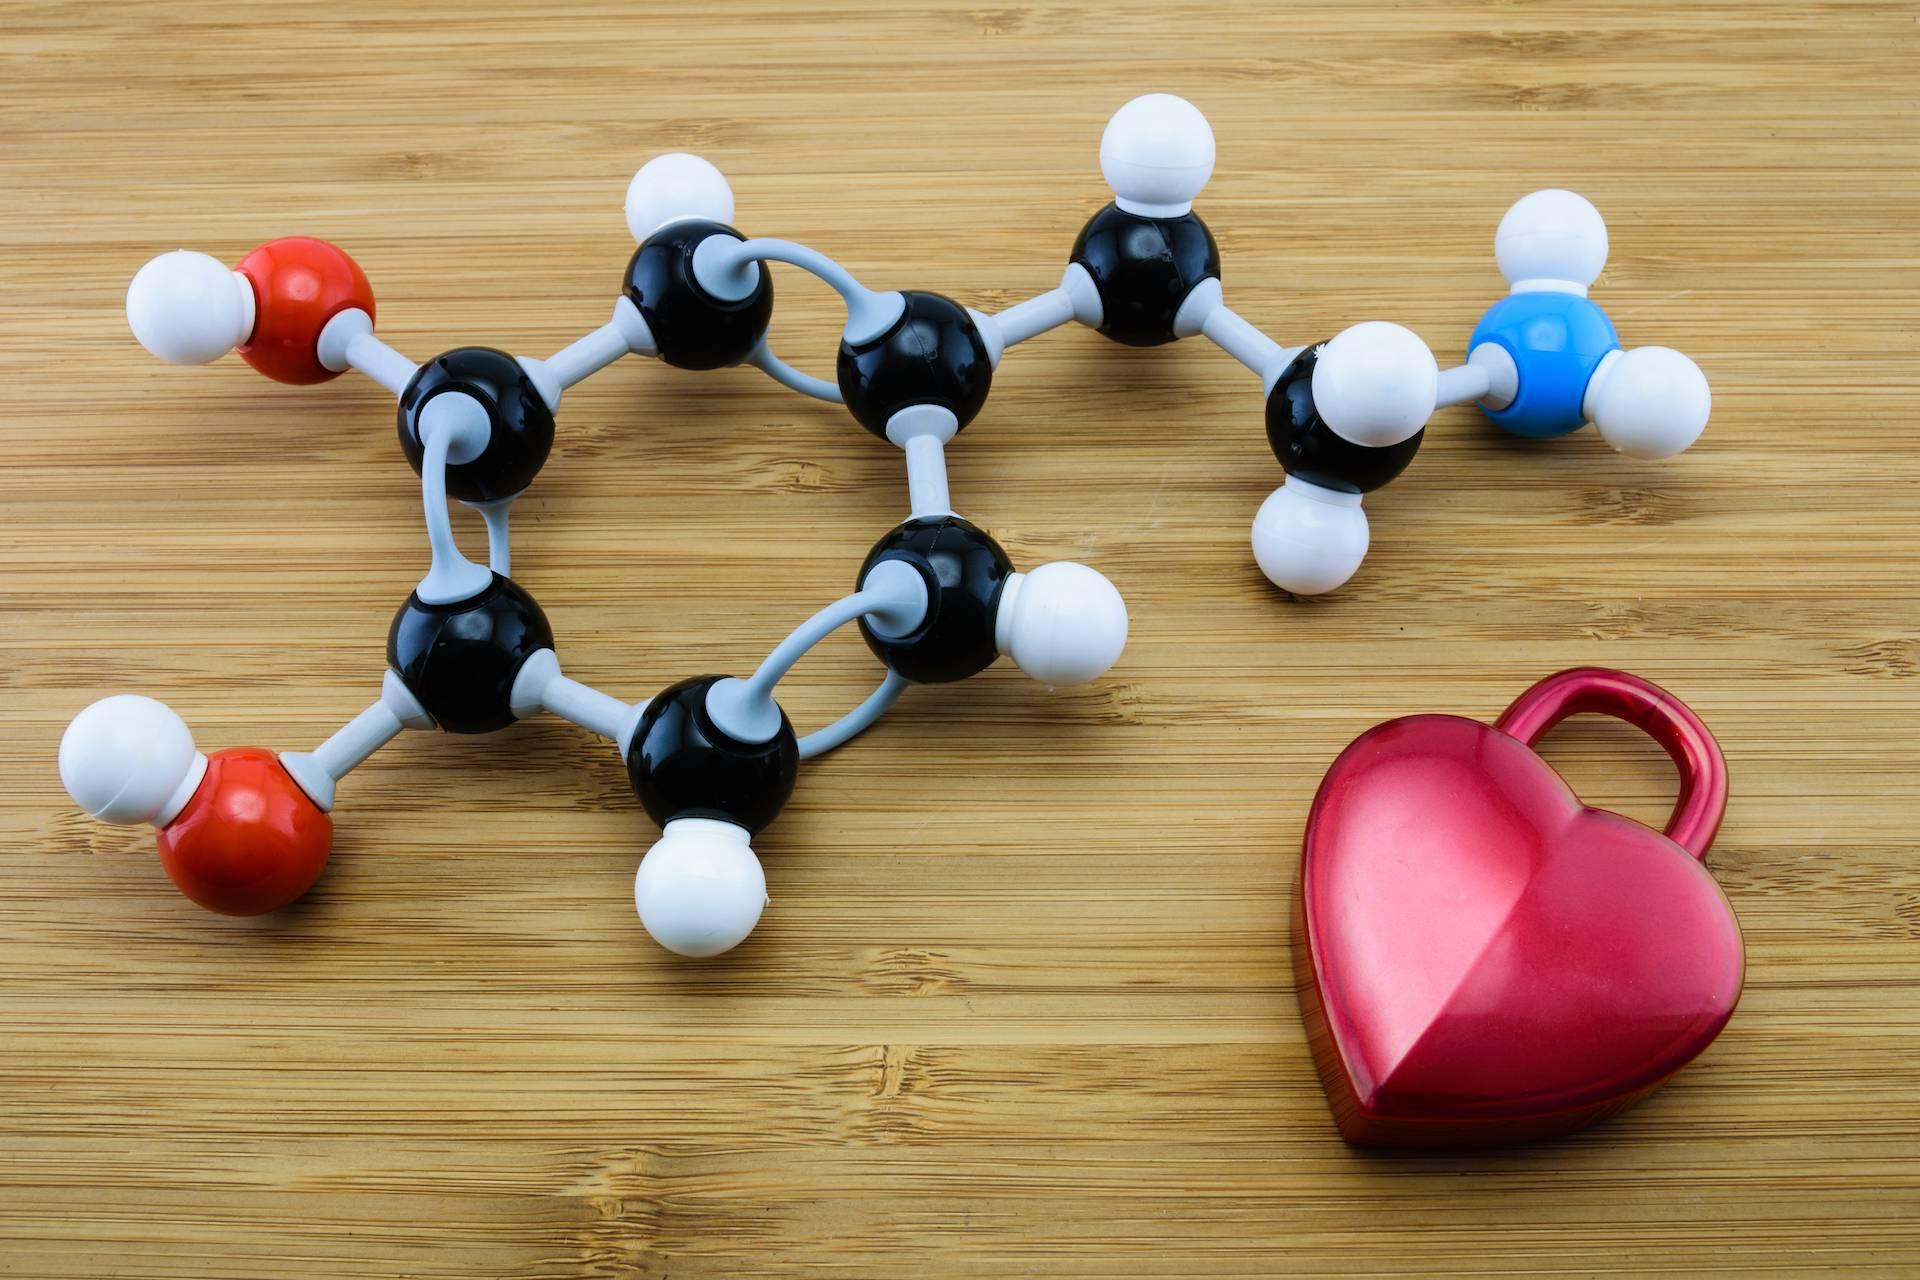 把爱情写成分子式,结果就是多巴胺